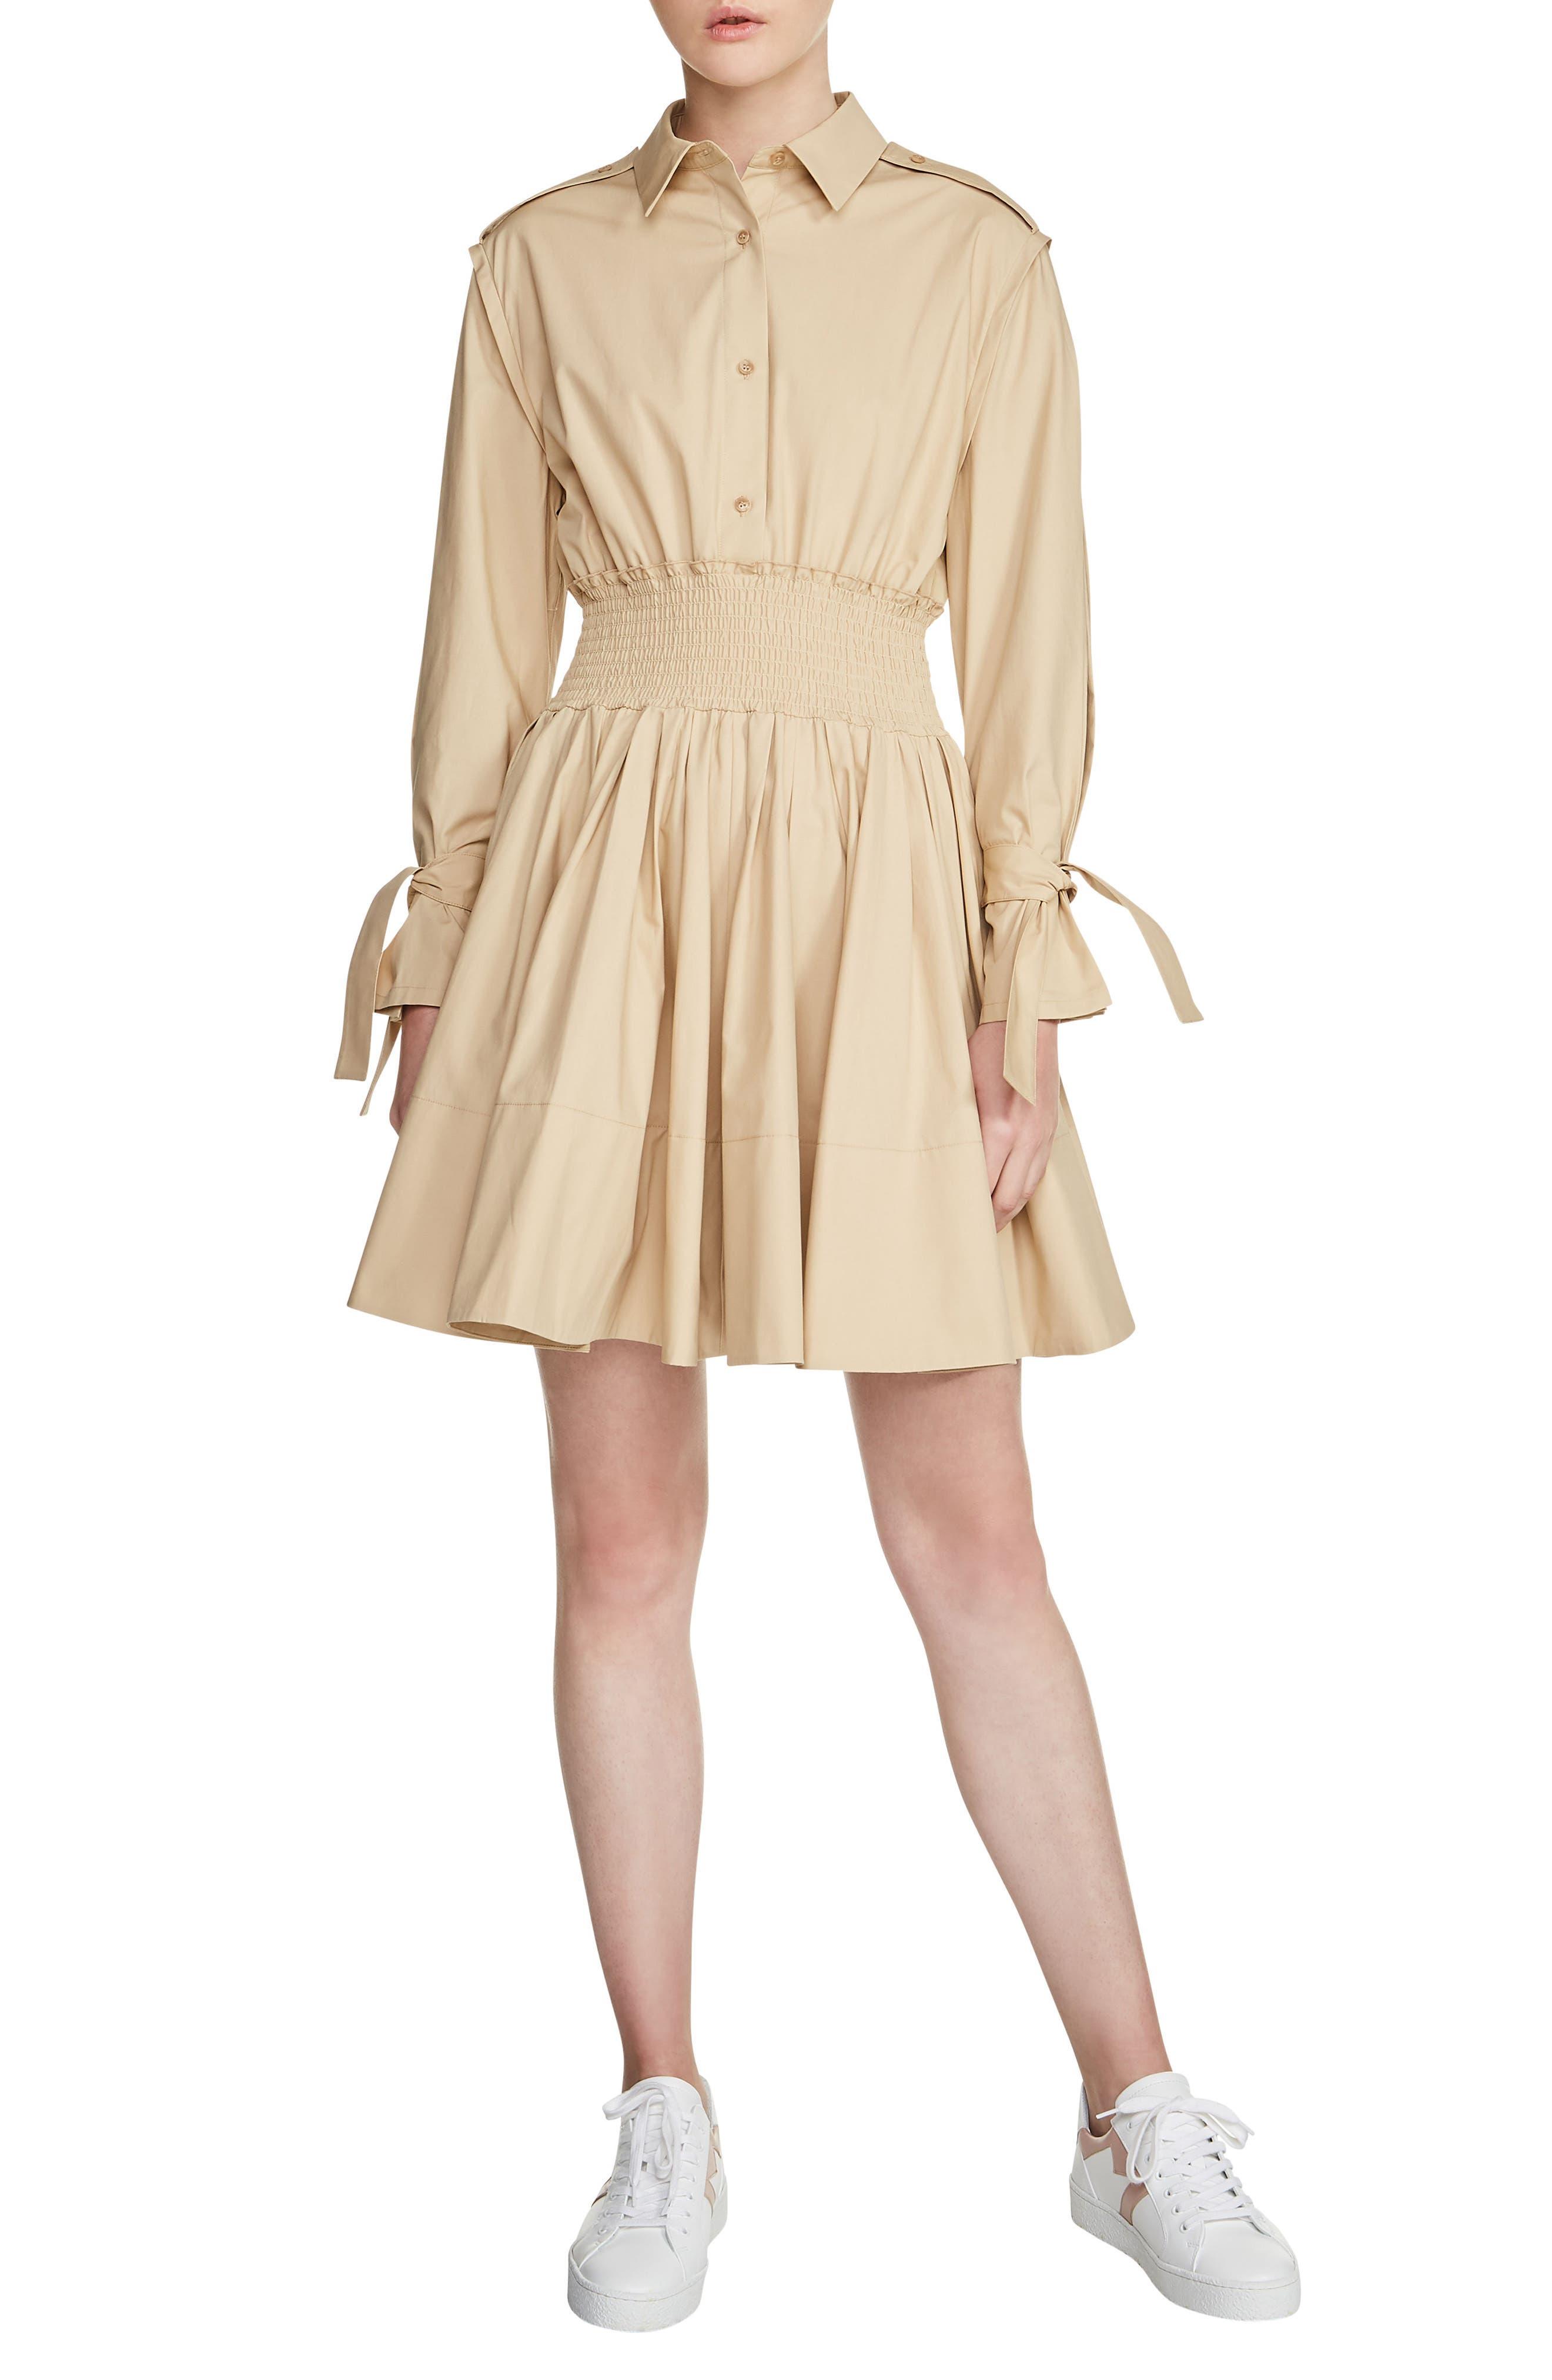 Ralix Shirtdress,                         Main,                         color, 250